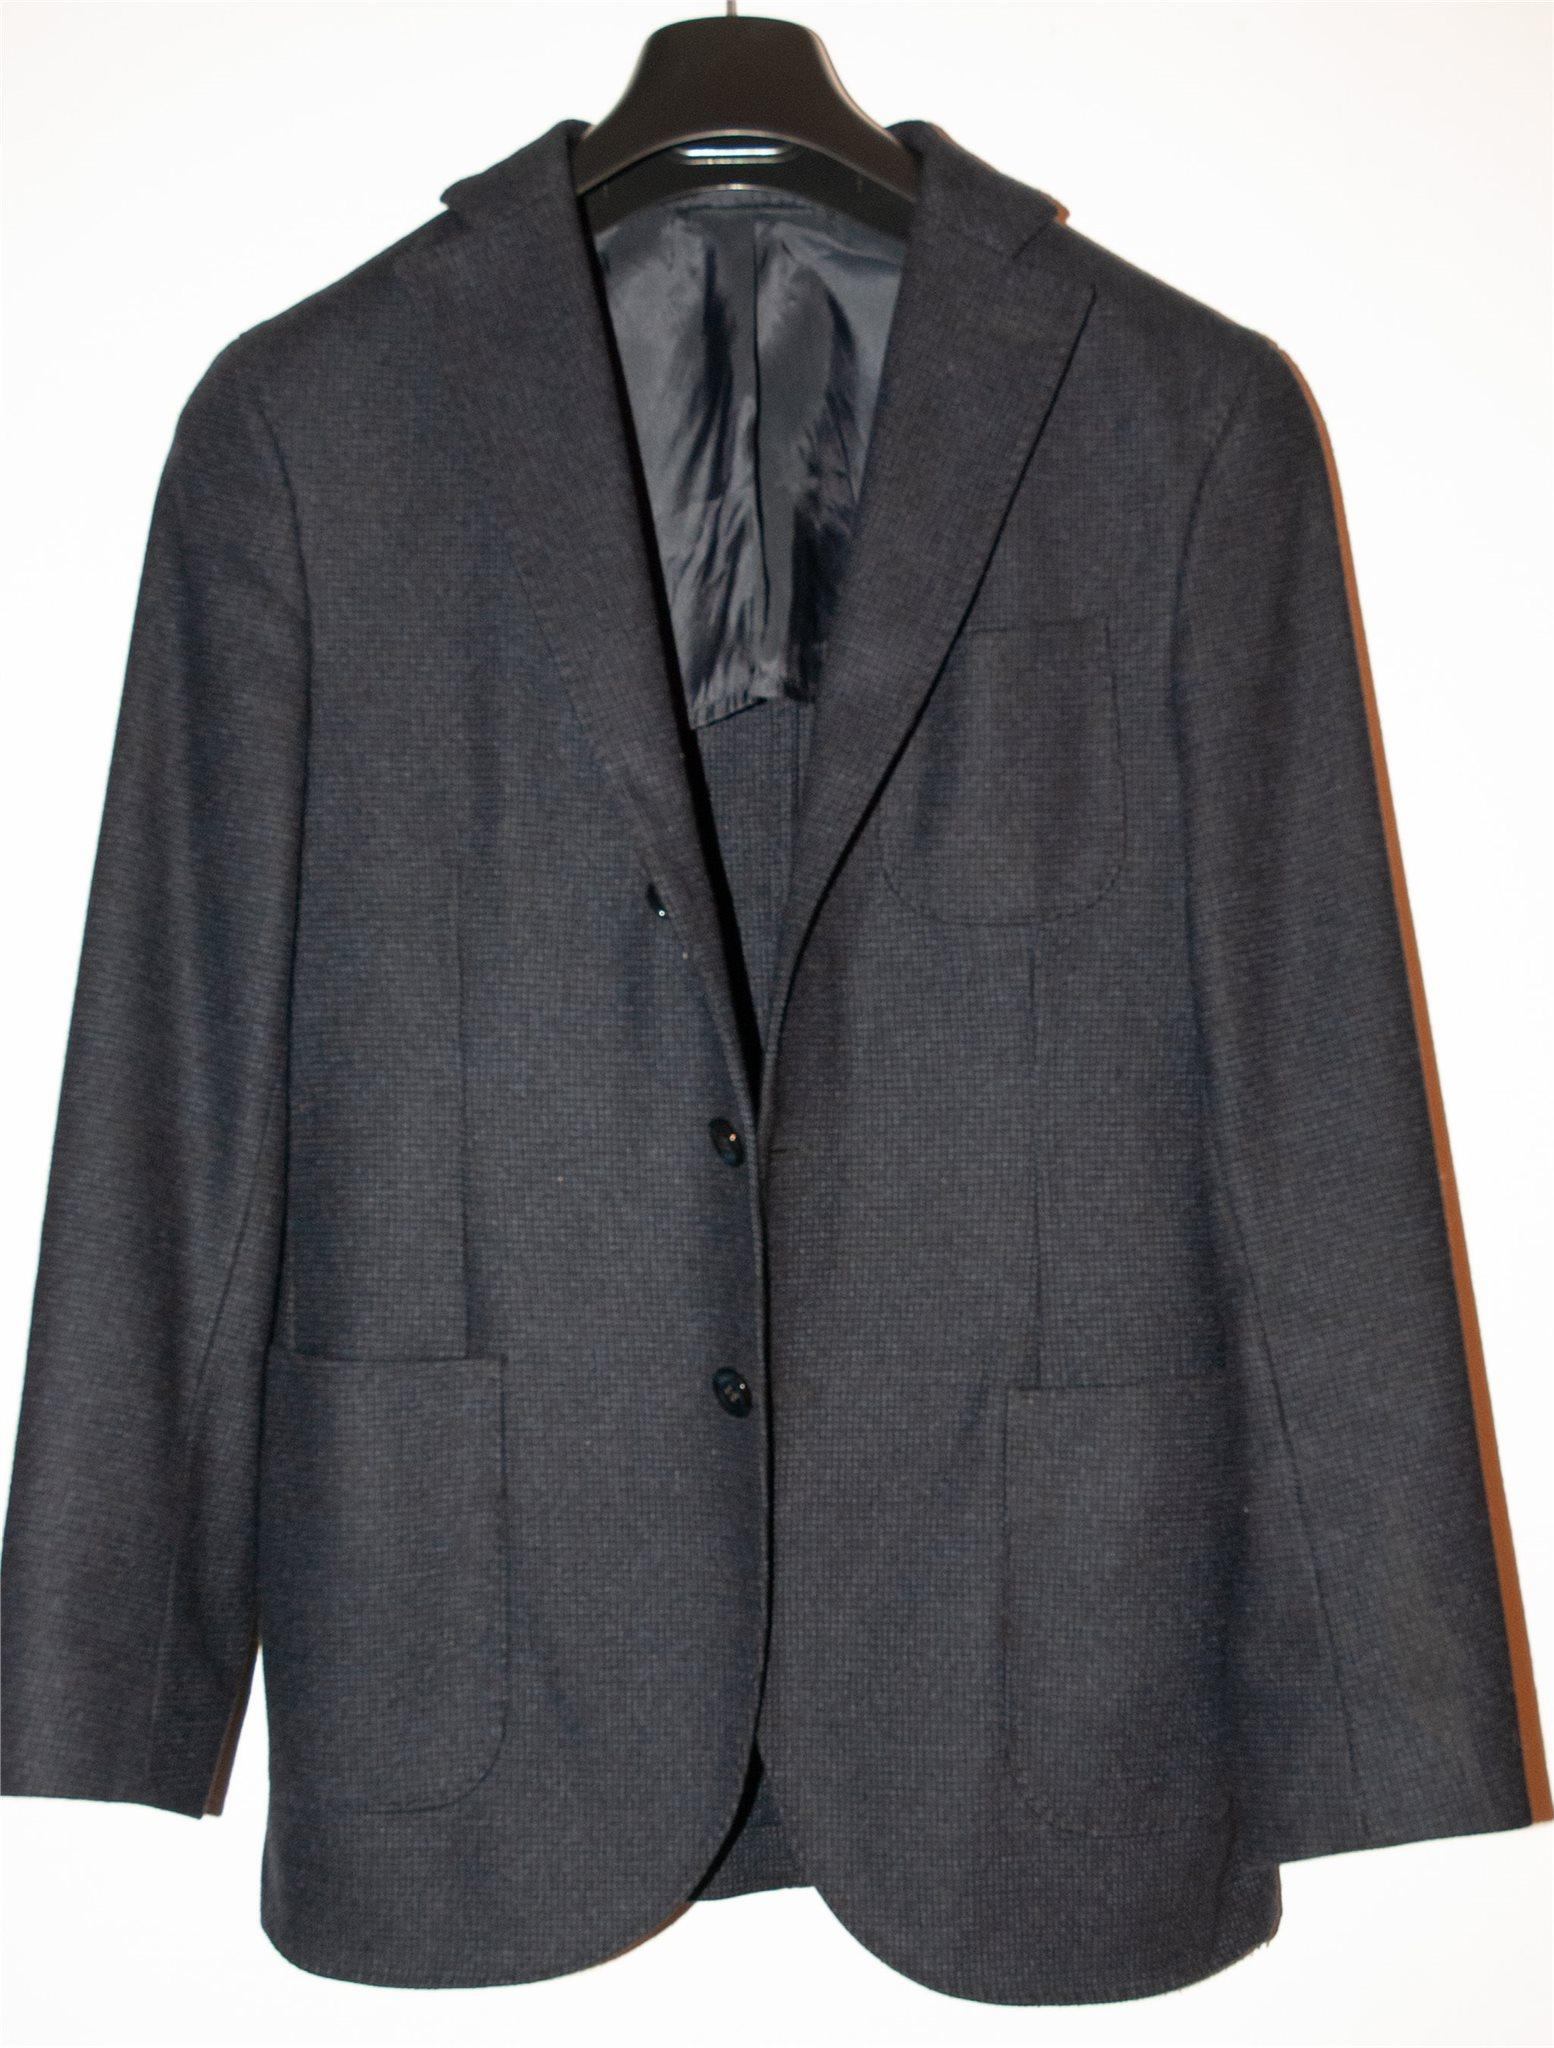 Mörkblå blazer i ull från J.Lindeberg i storlek 44R